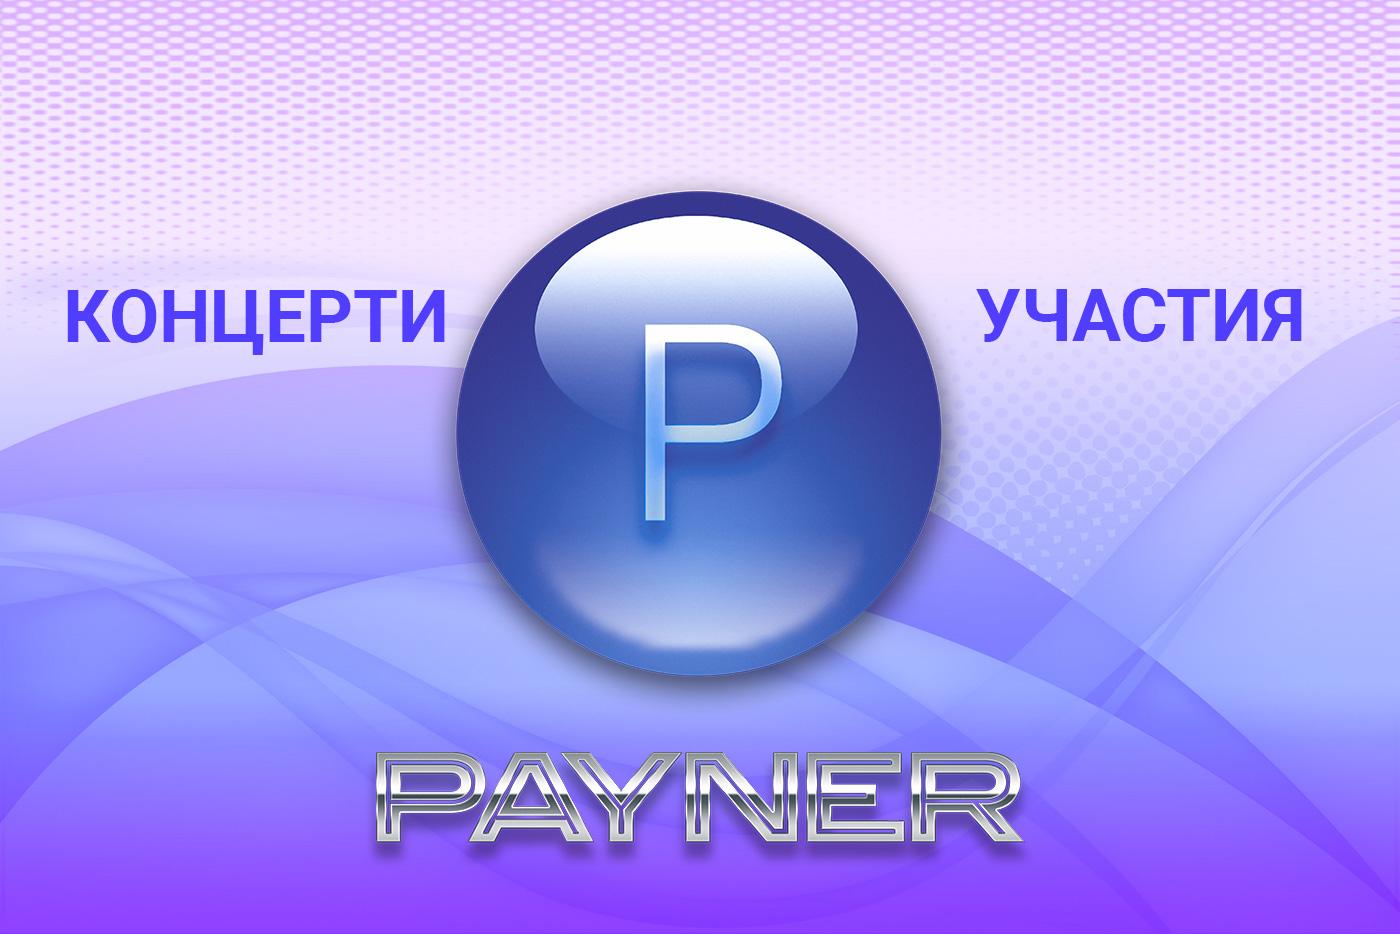 """Участия на звездите на """"Пайнер"""" на 20.03.2019"""